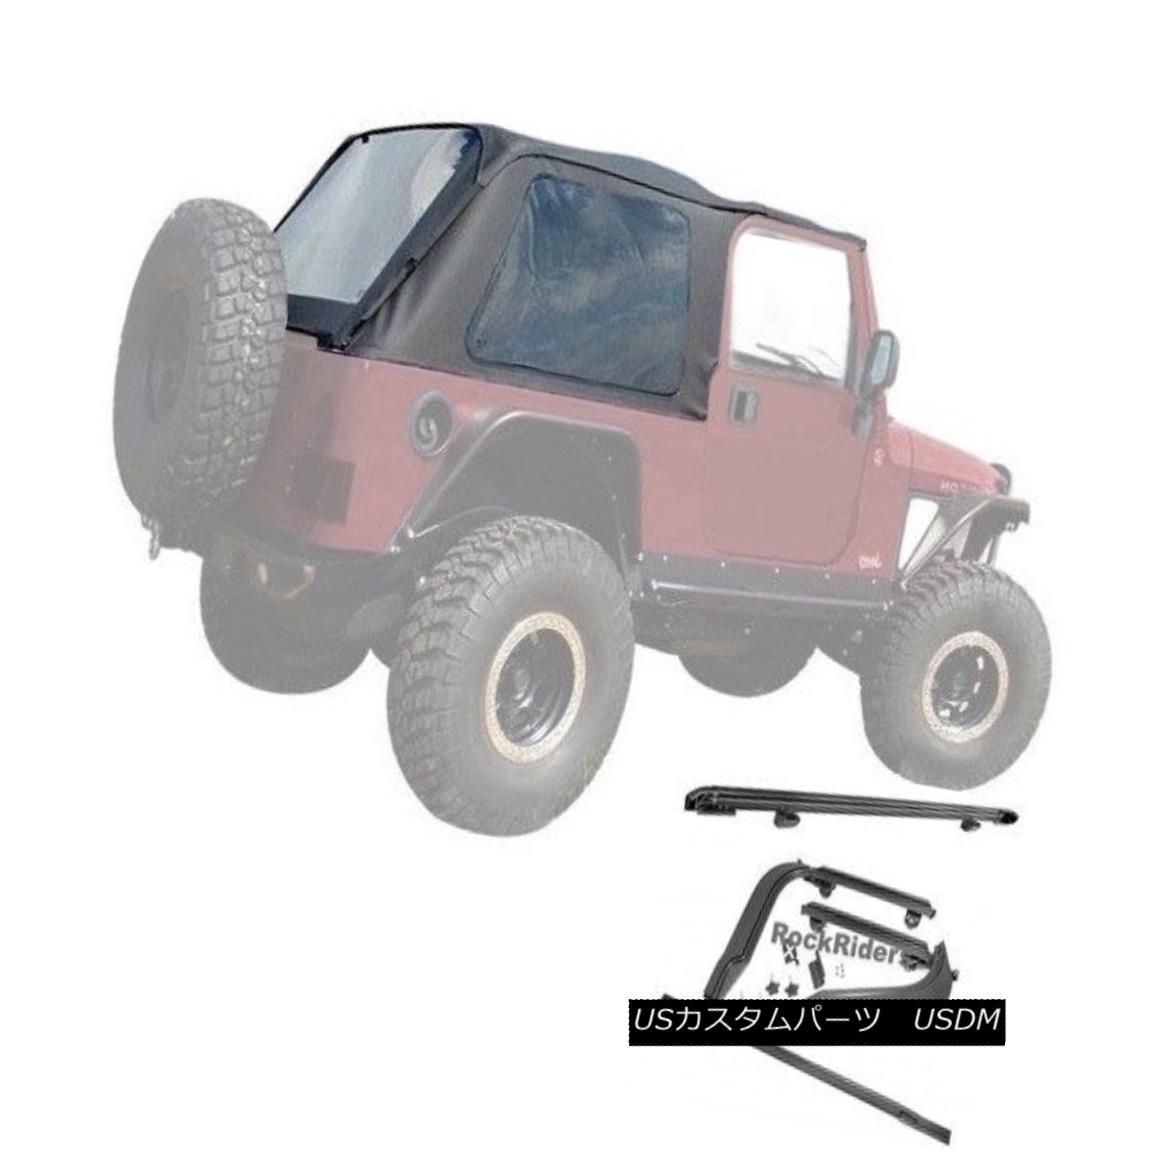 幌・ソフトトップ 2004-2006 Jeep Wrangler Unlimited LJ Frameless Soft Top w/ Mounting Hardware Kit 2004-2006ジープ・ラングラー無制限LJフレームレス・ソフトトップ(取り付け用ハードウェア・キット付き)